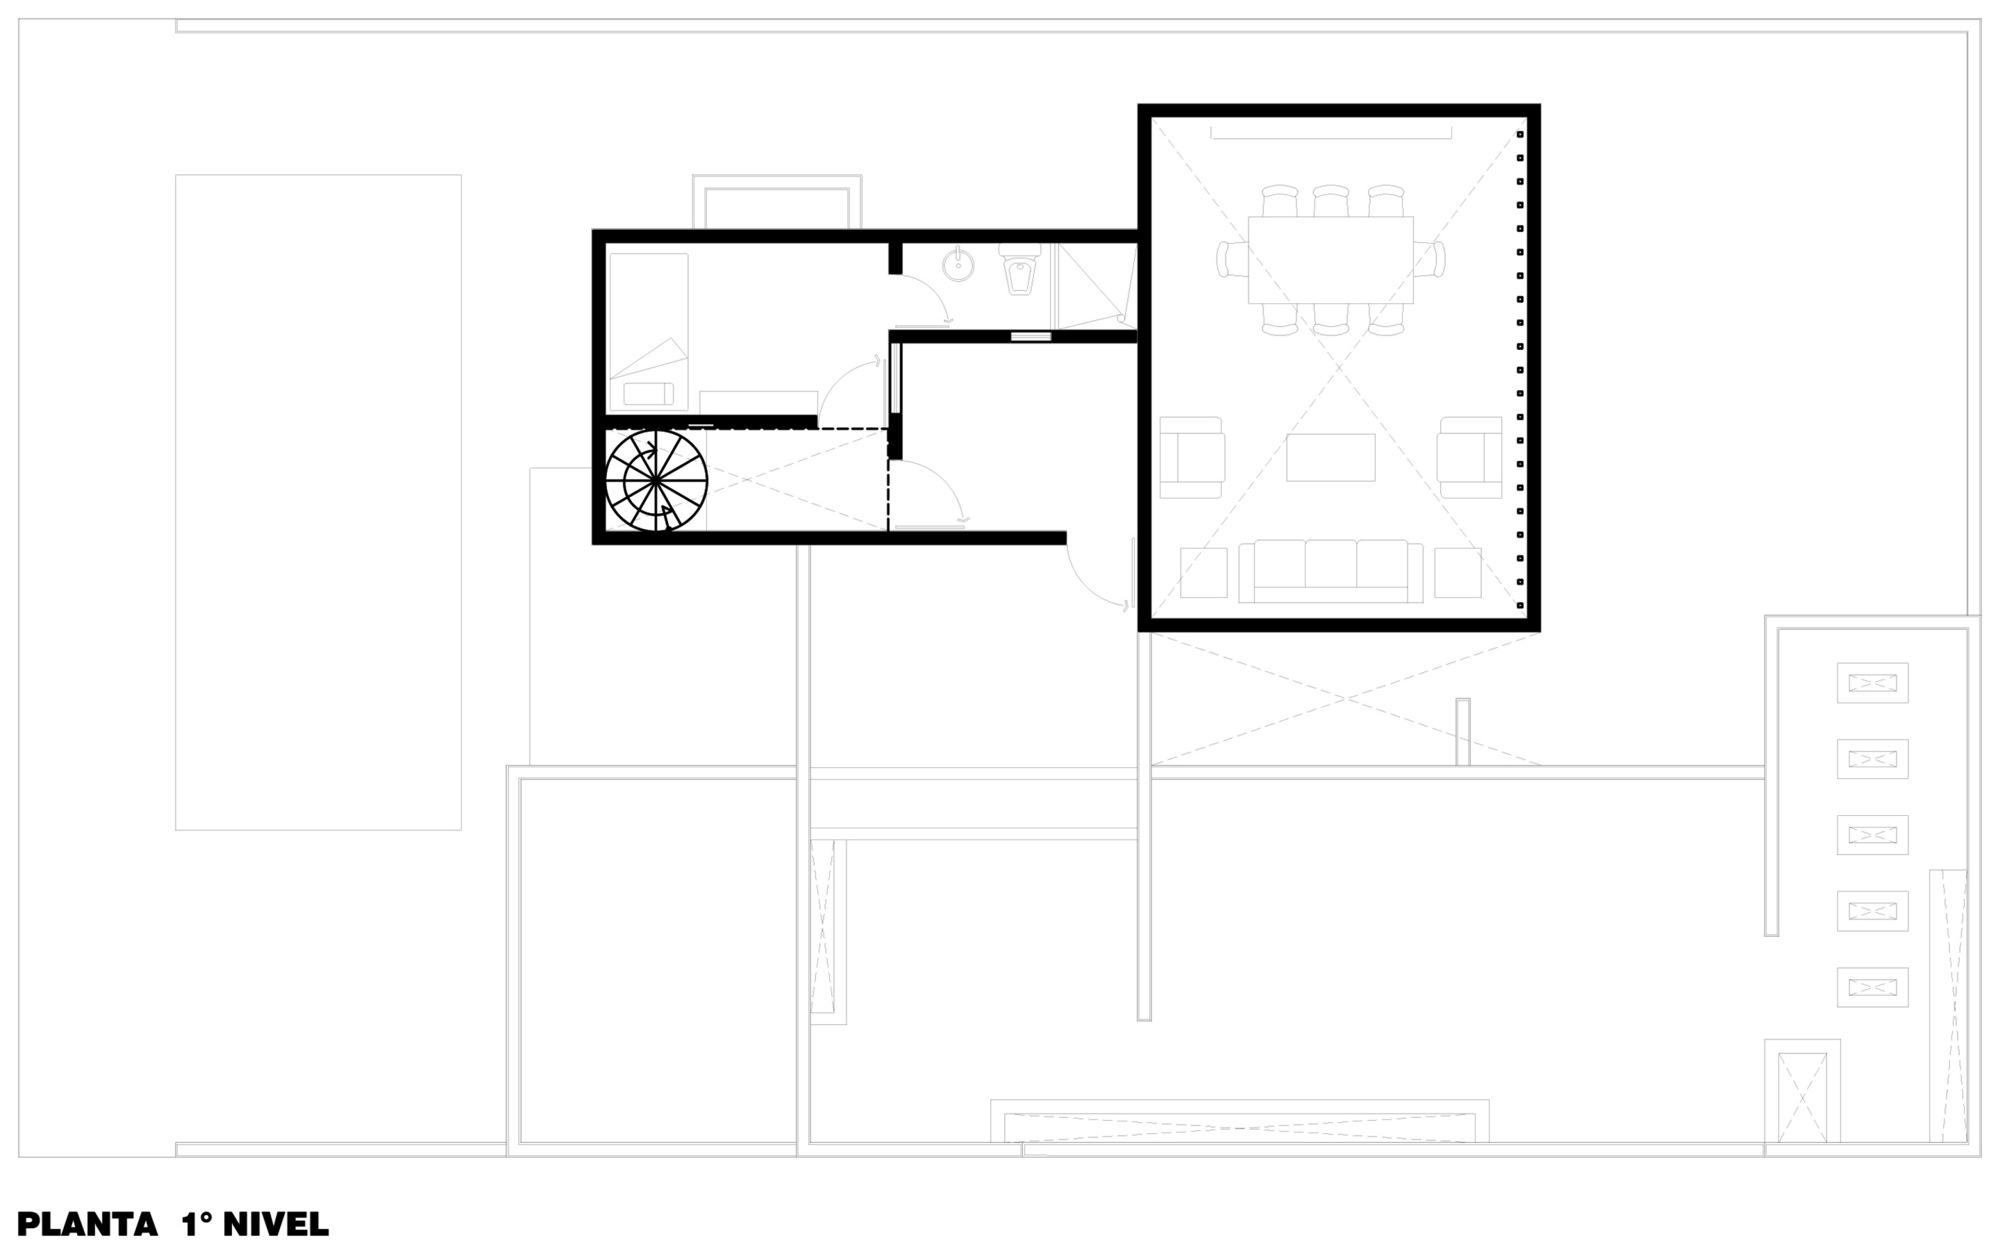 Galeria de t02 adi arquitectura y dise o interior 31 for Arquitectura y diseno interior